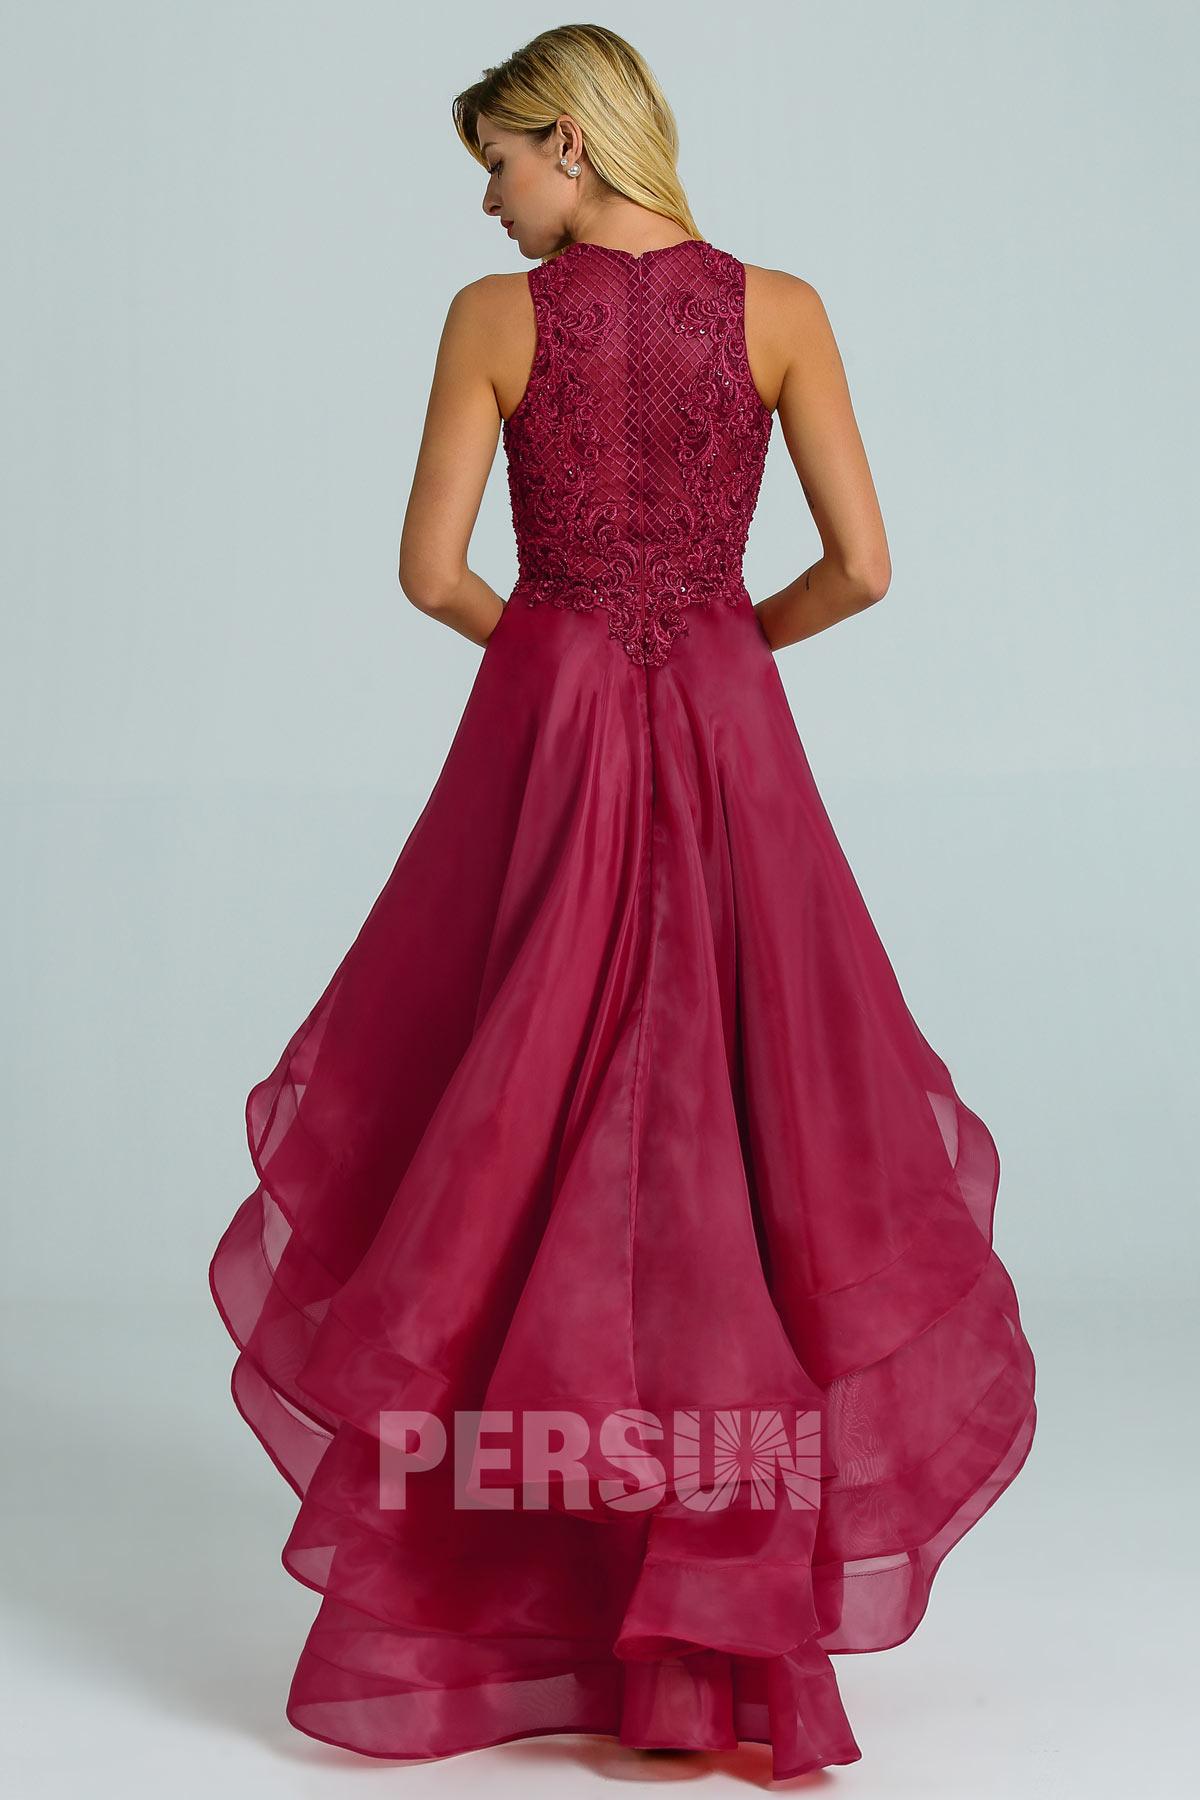 Robe rouge bordeaux courte devant longue derrière haut dentelle jupe à volant